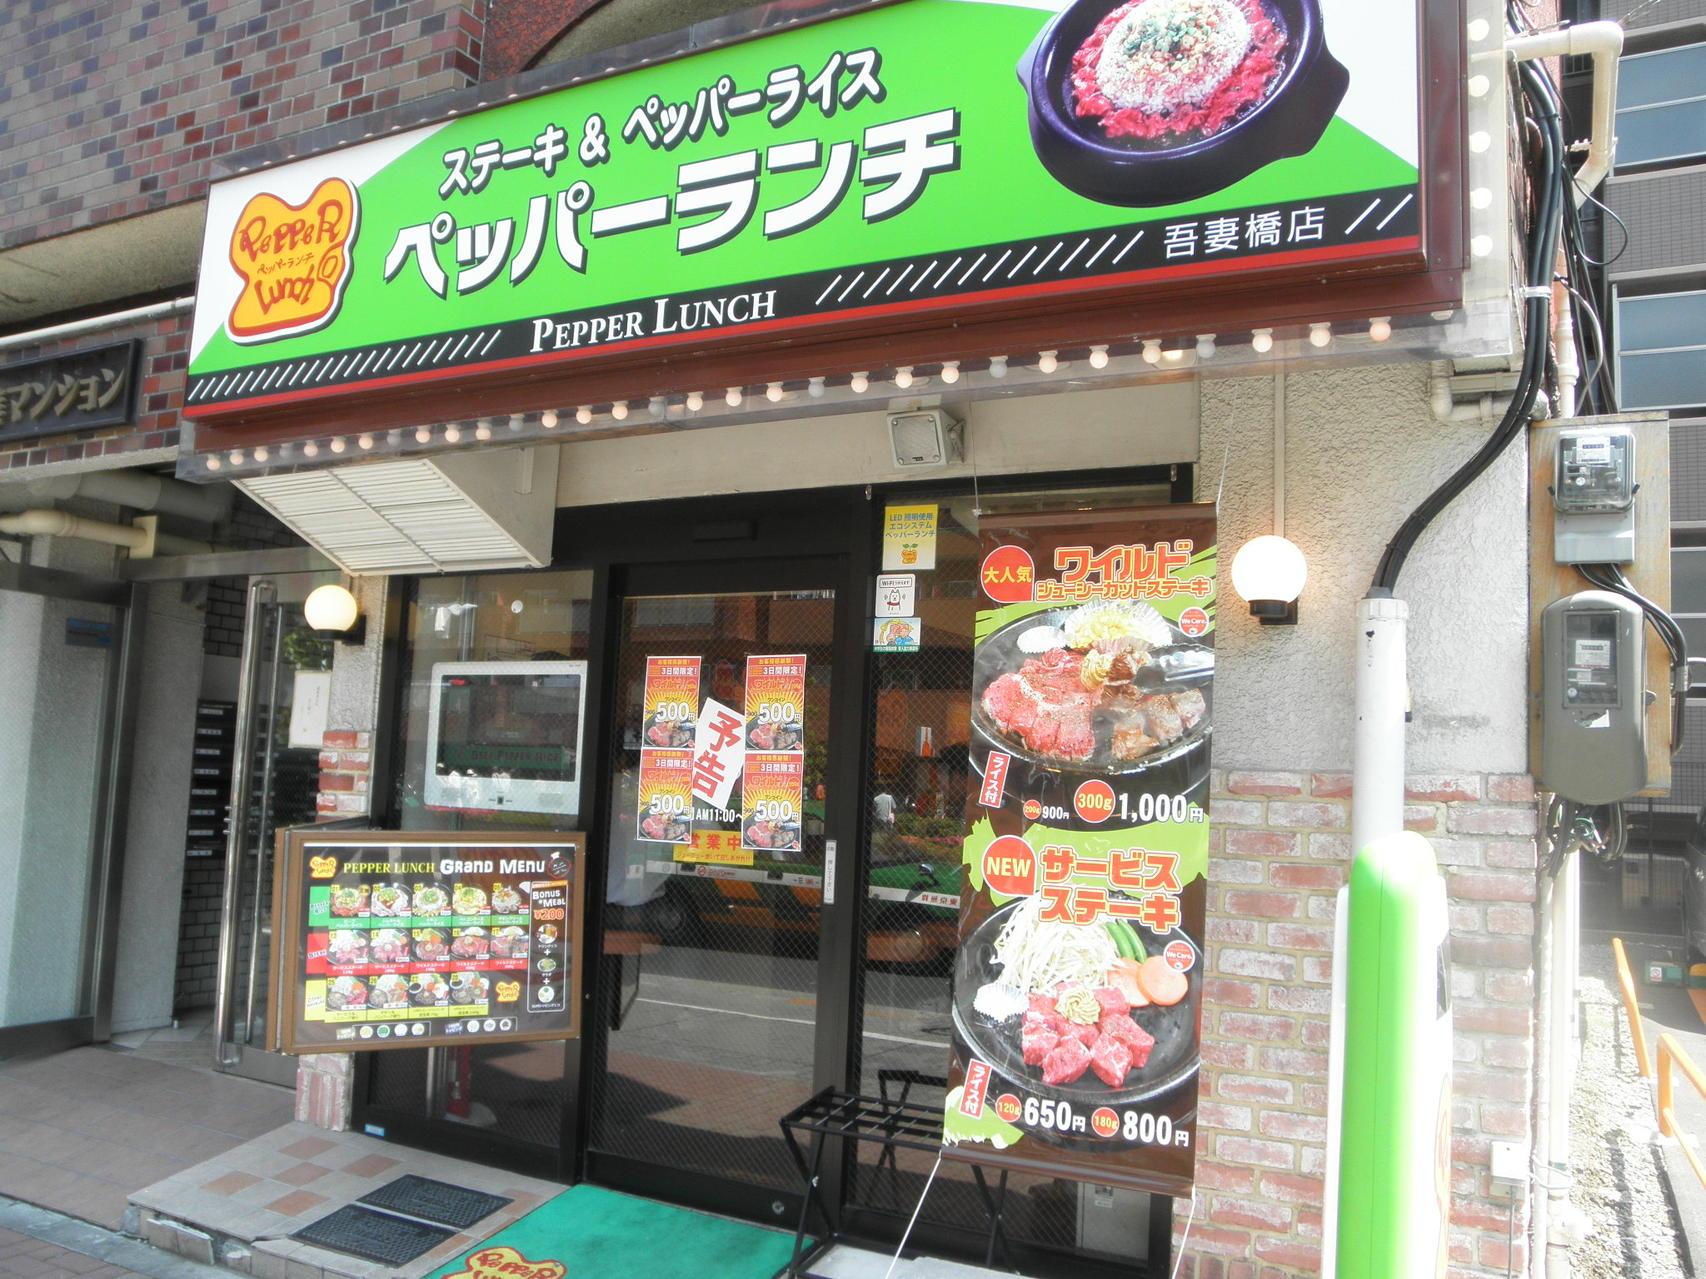 ペッパーランチ 吾妻橋店